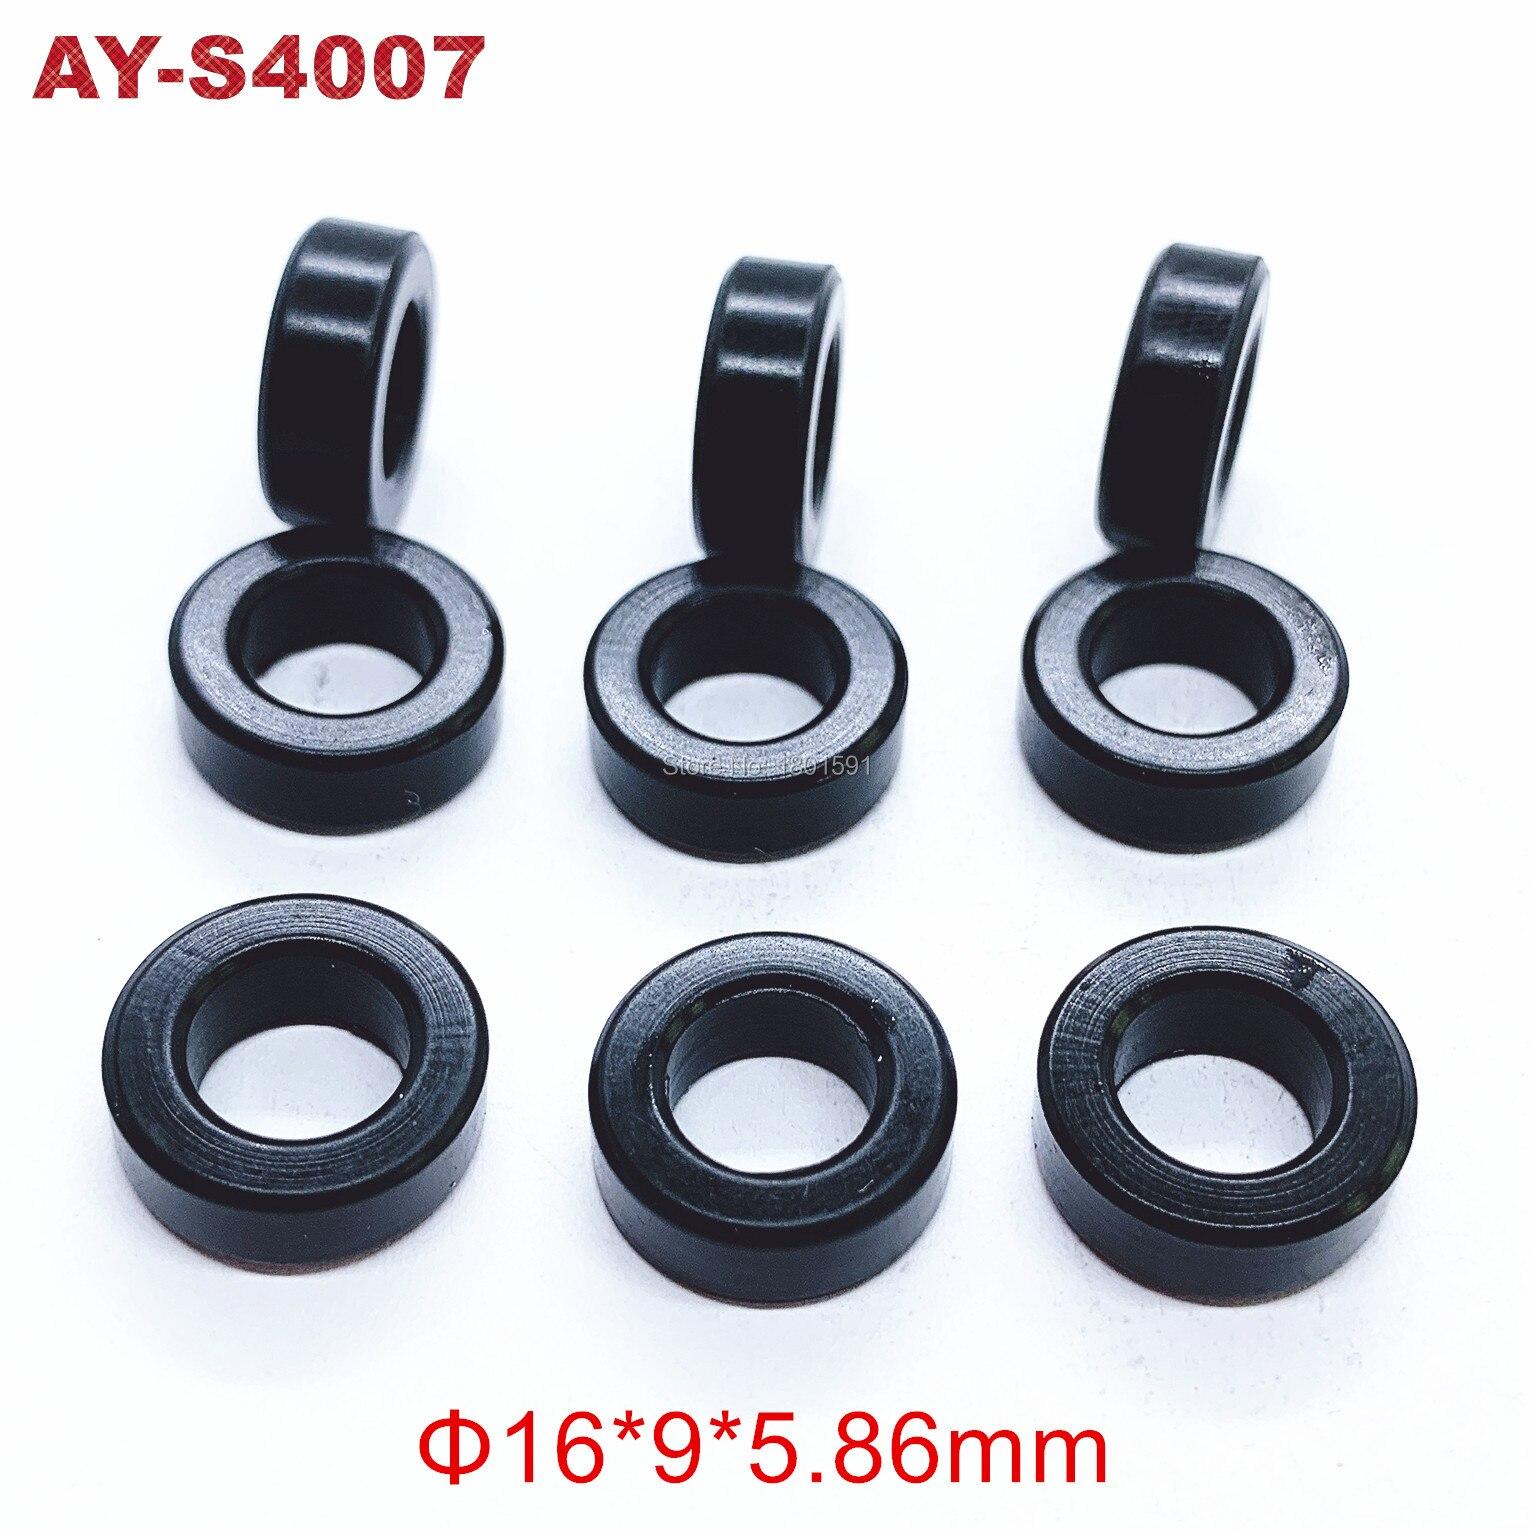 200 חתיכות גלי גומי חותמות oring 16*9*5.8mm עבור טויוטה דלק injector תיקון ערכות (AY-S4007)